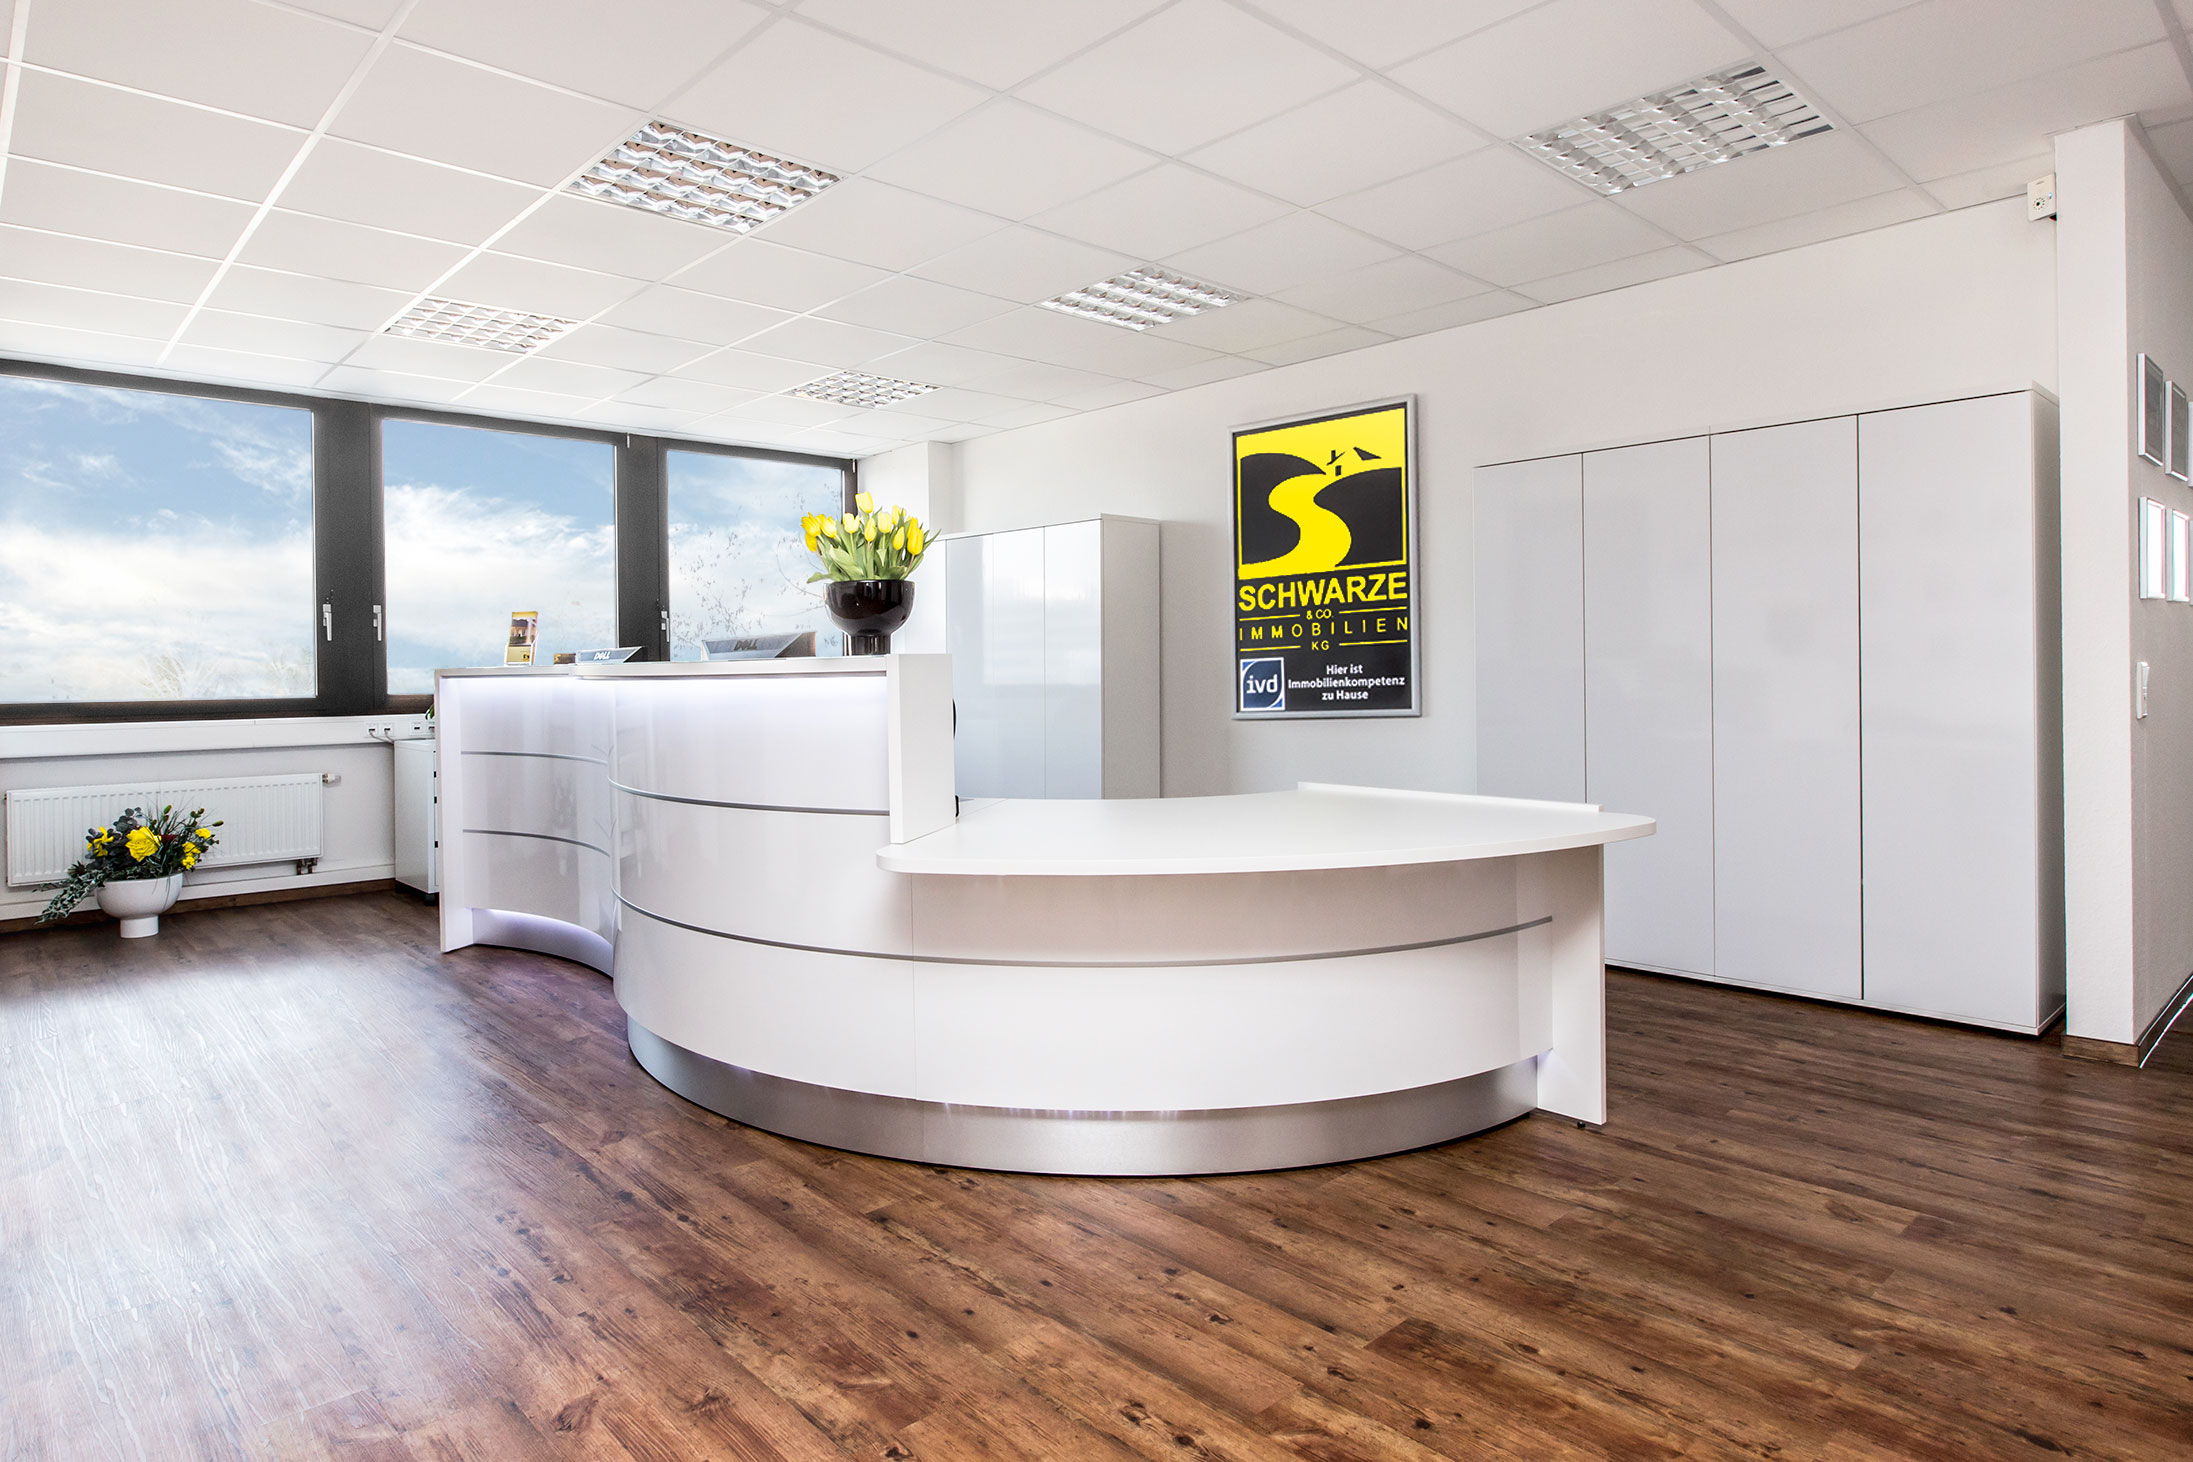 Seit 2012 sind wir auf einer großzügigen Büroetage mit 500 m² in Erkrath-Unterfeldhaus ansässig. Offen und transparent, bieten die Räume viel Licht und sind mit dem Aufzug bequem erreichbar. Moderne Besprechungs- und Schulungsräume und separate Bereiche für Vertrieb und Auftragsabwicklung sorgen für optimale Arbeitsabläufe.